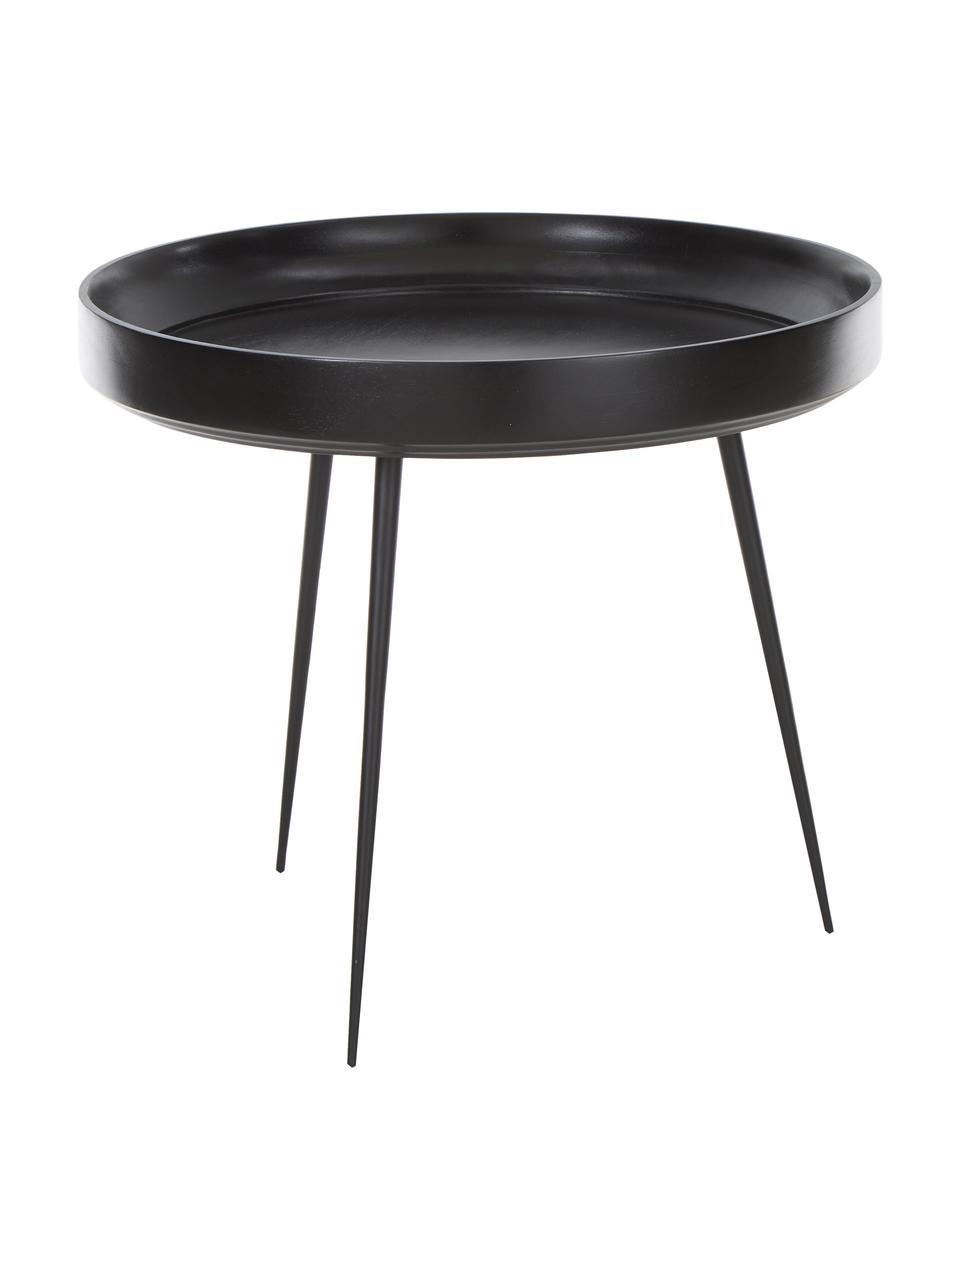 Kleiner Design-Beistelltisch Bowl Table aus Mangoholz, Tischplatte: Mangoholz, gebeizt und kl, Beine: Stahl, pulverbeschichtet, Schwarz, Ø 53 x H 46 cm